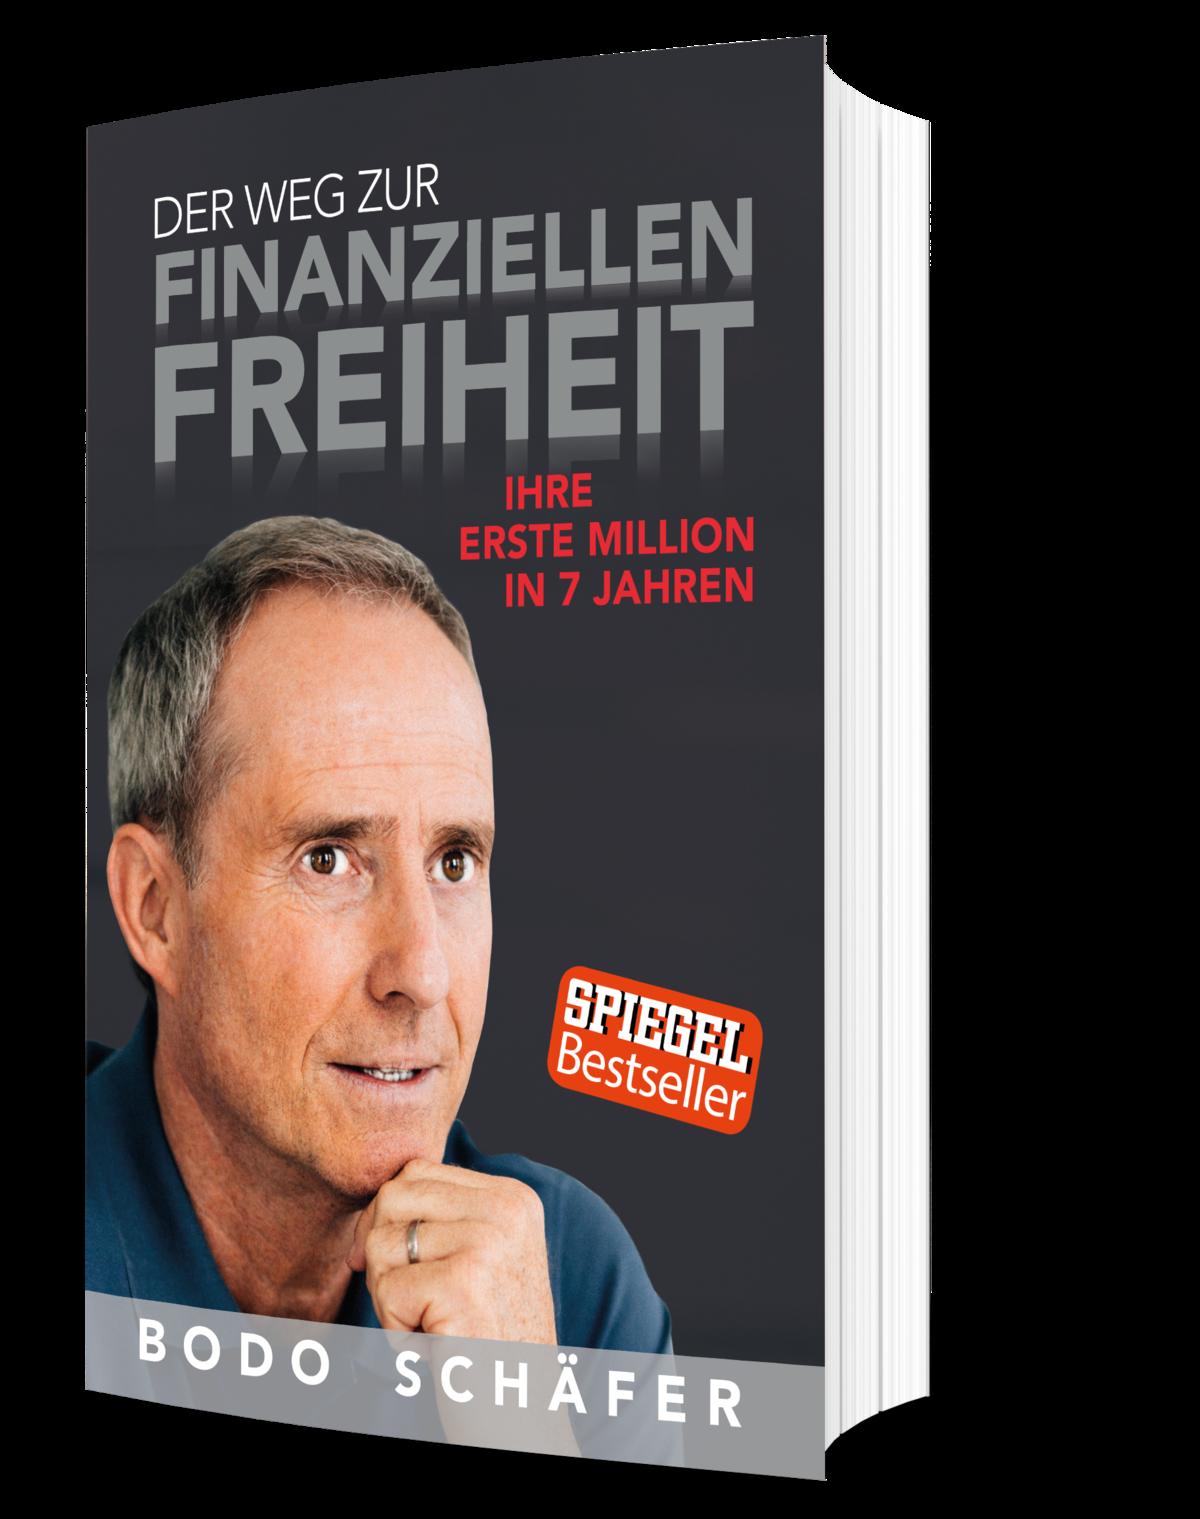 Jetzt für dich GRATIS: Ich schenke Dir eins der weltweit erfolgreichsten Geld-Bücher aller Zeiten!